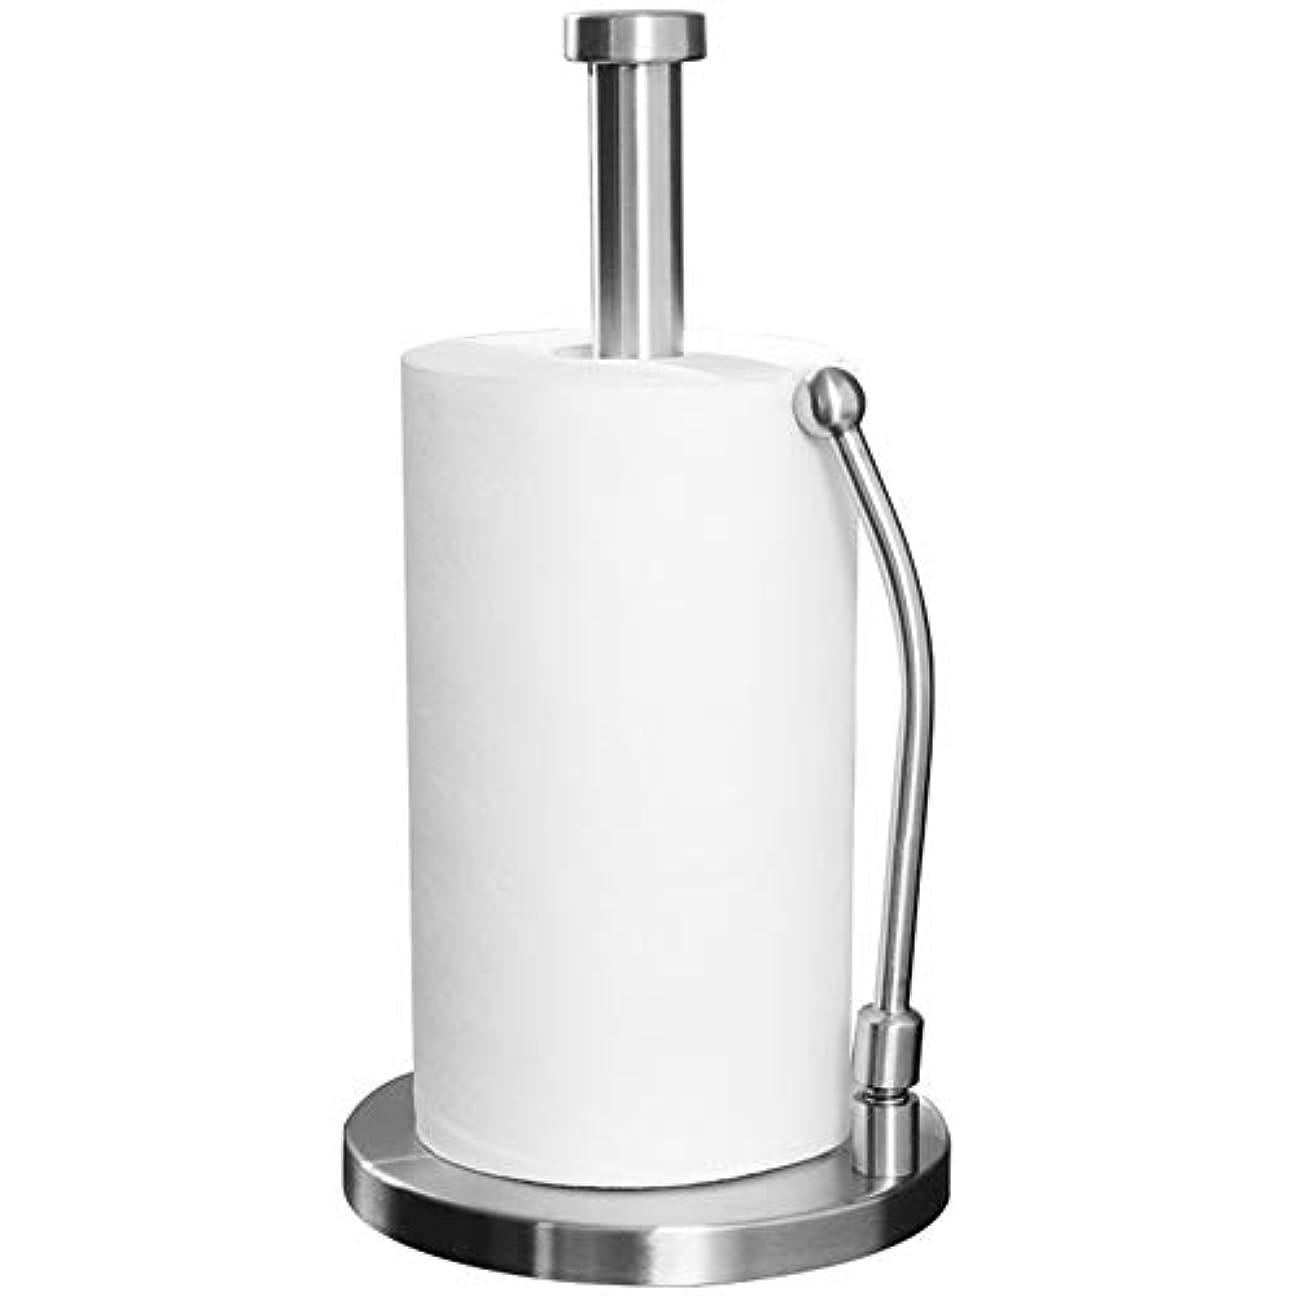 に賛成一方、不良ZZLX 紙タオルホルダー、ステンレス鋼プラスボールドダブルポールキッチン垂直ロールホルダー紙タオルホルダー ロングハンドル風呂ブラシ